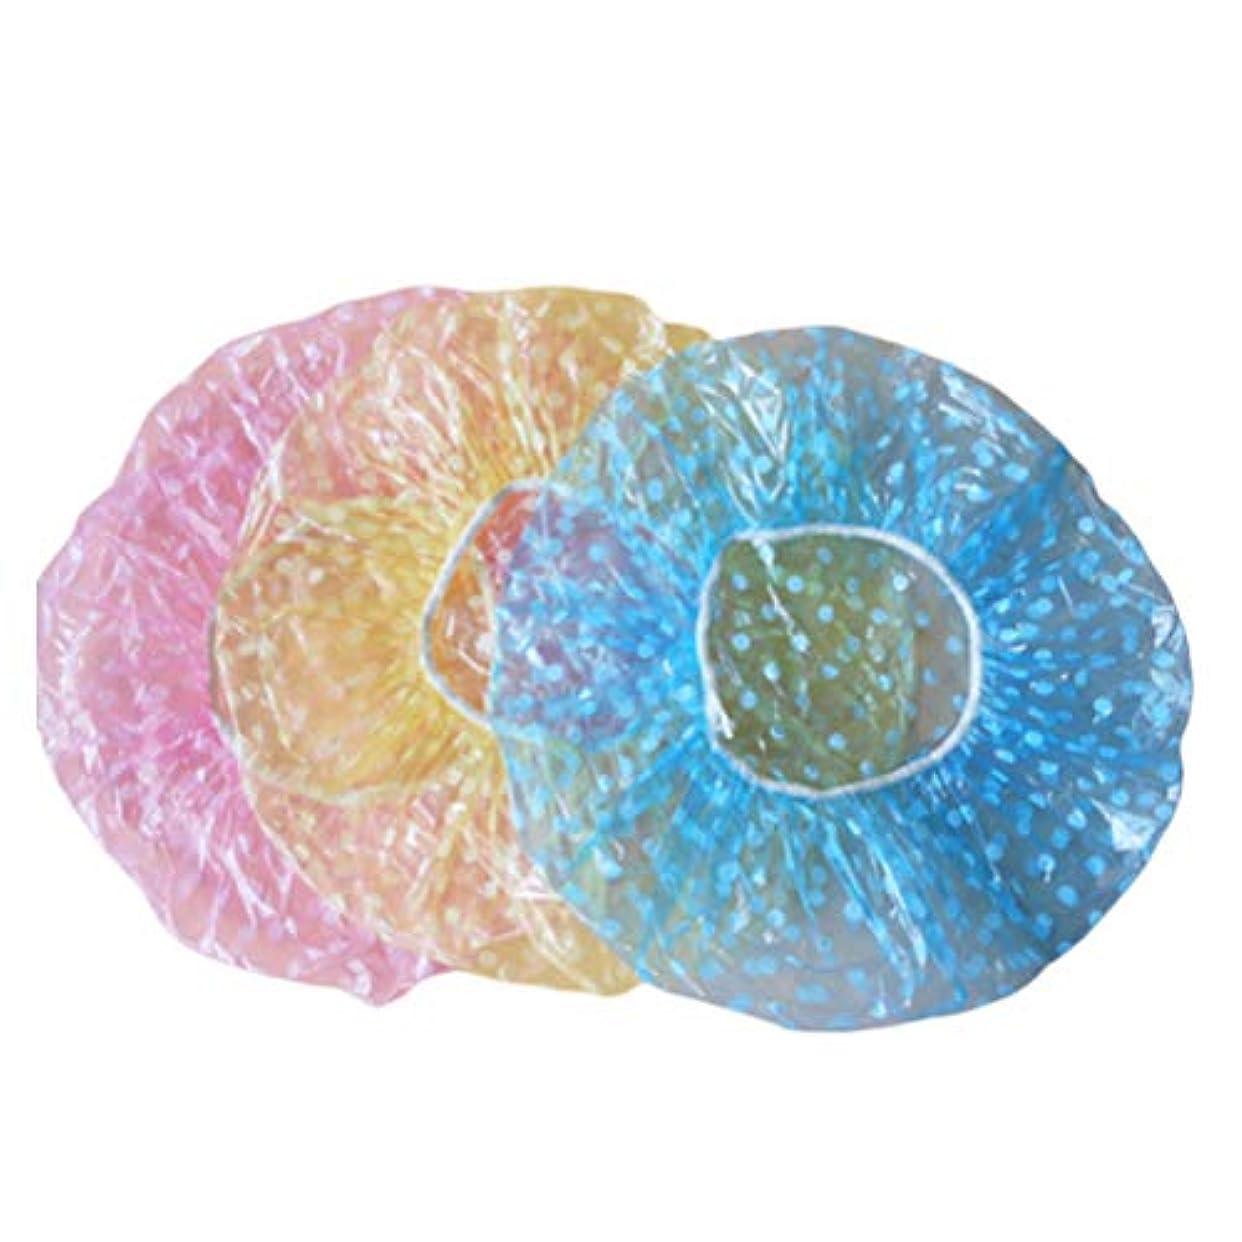 ウルルアイスクリームワークショップFrcolor シャワーキャップ お風呂 キャップ レディース 使い捨てキャップ シャワー サロン用 60枚セット(混色)